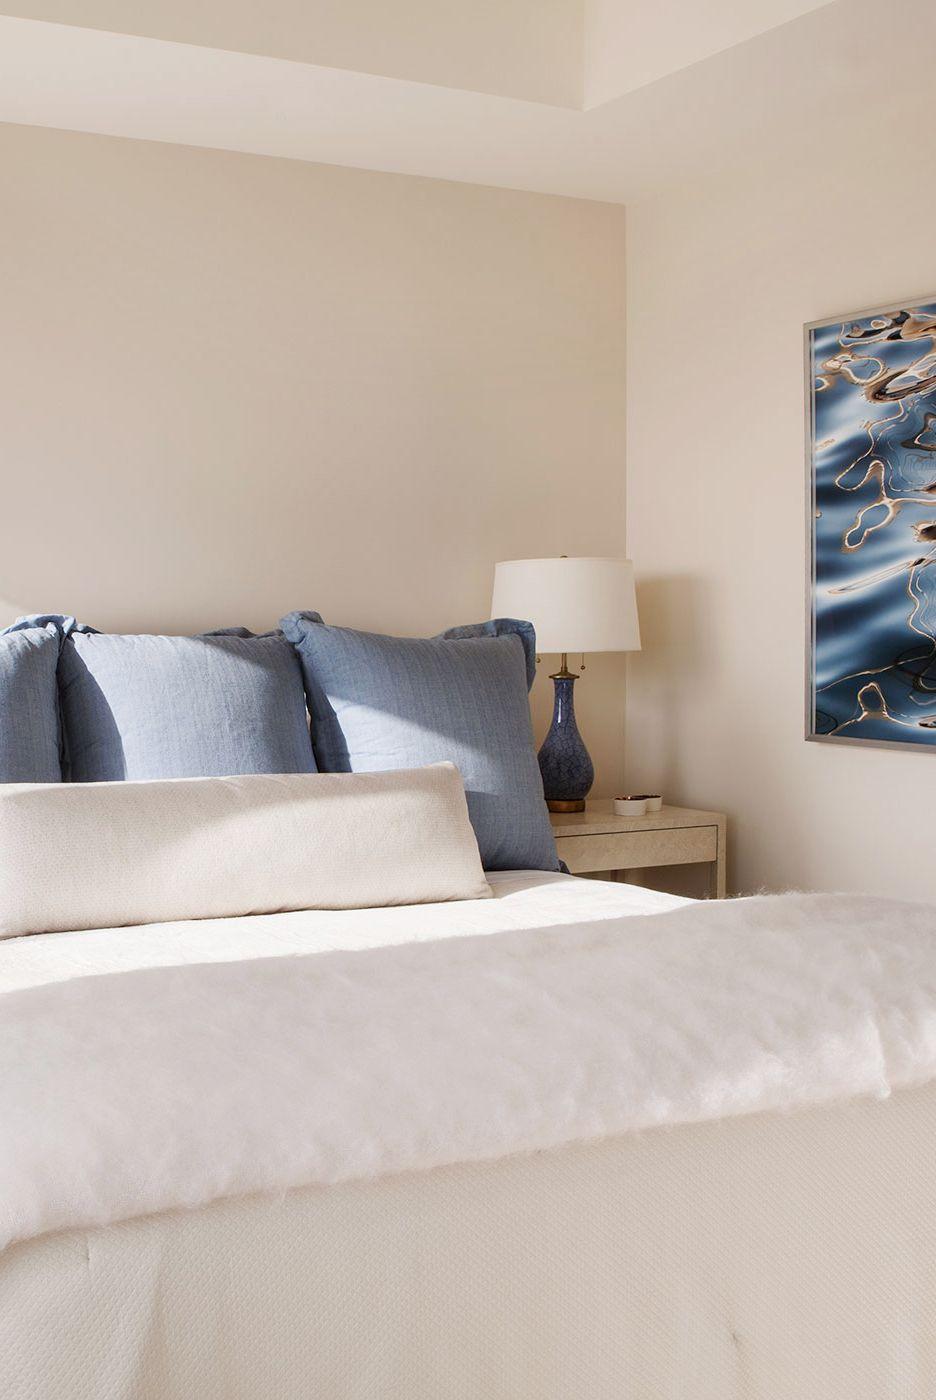 Được bao bọc bởi các sắc thái trắng và kem tuyệt đẹp được nhấn nhá bằng các điểm nhấn màu xanh lam, phòng ngủ do Heather Hilliard thiết kế này mang đến sự thanh lịch thuần khiết mà không cần cố gắng quá nhiều.